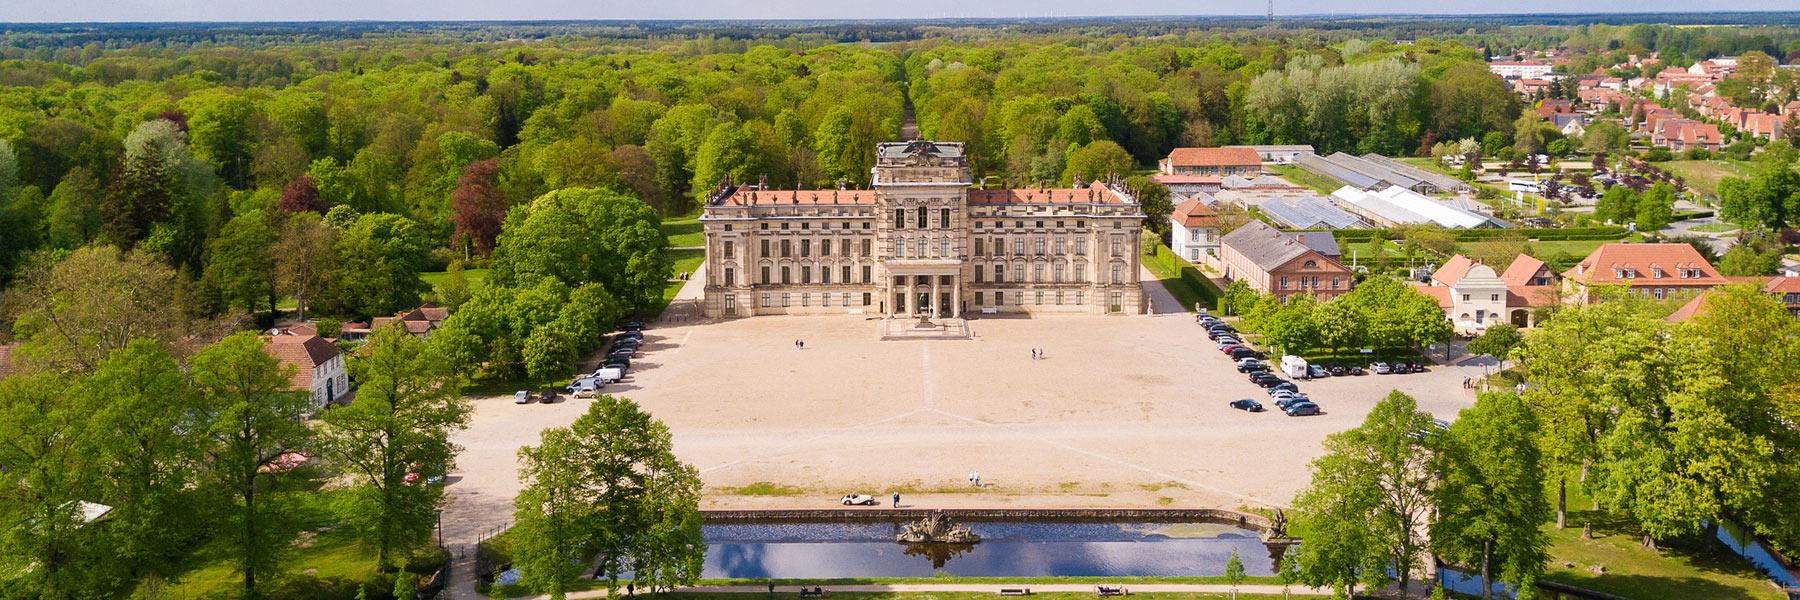 Schloss - Stadt Ludwigslust